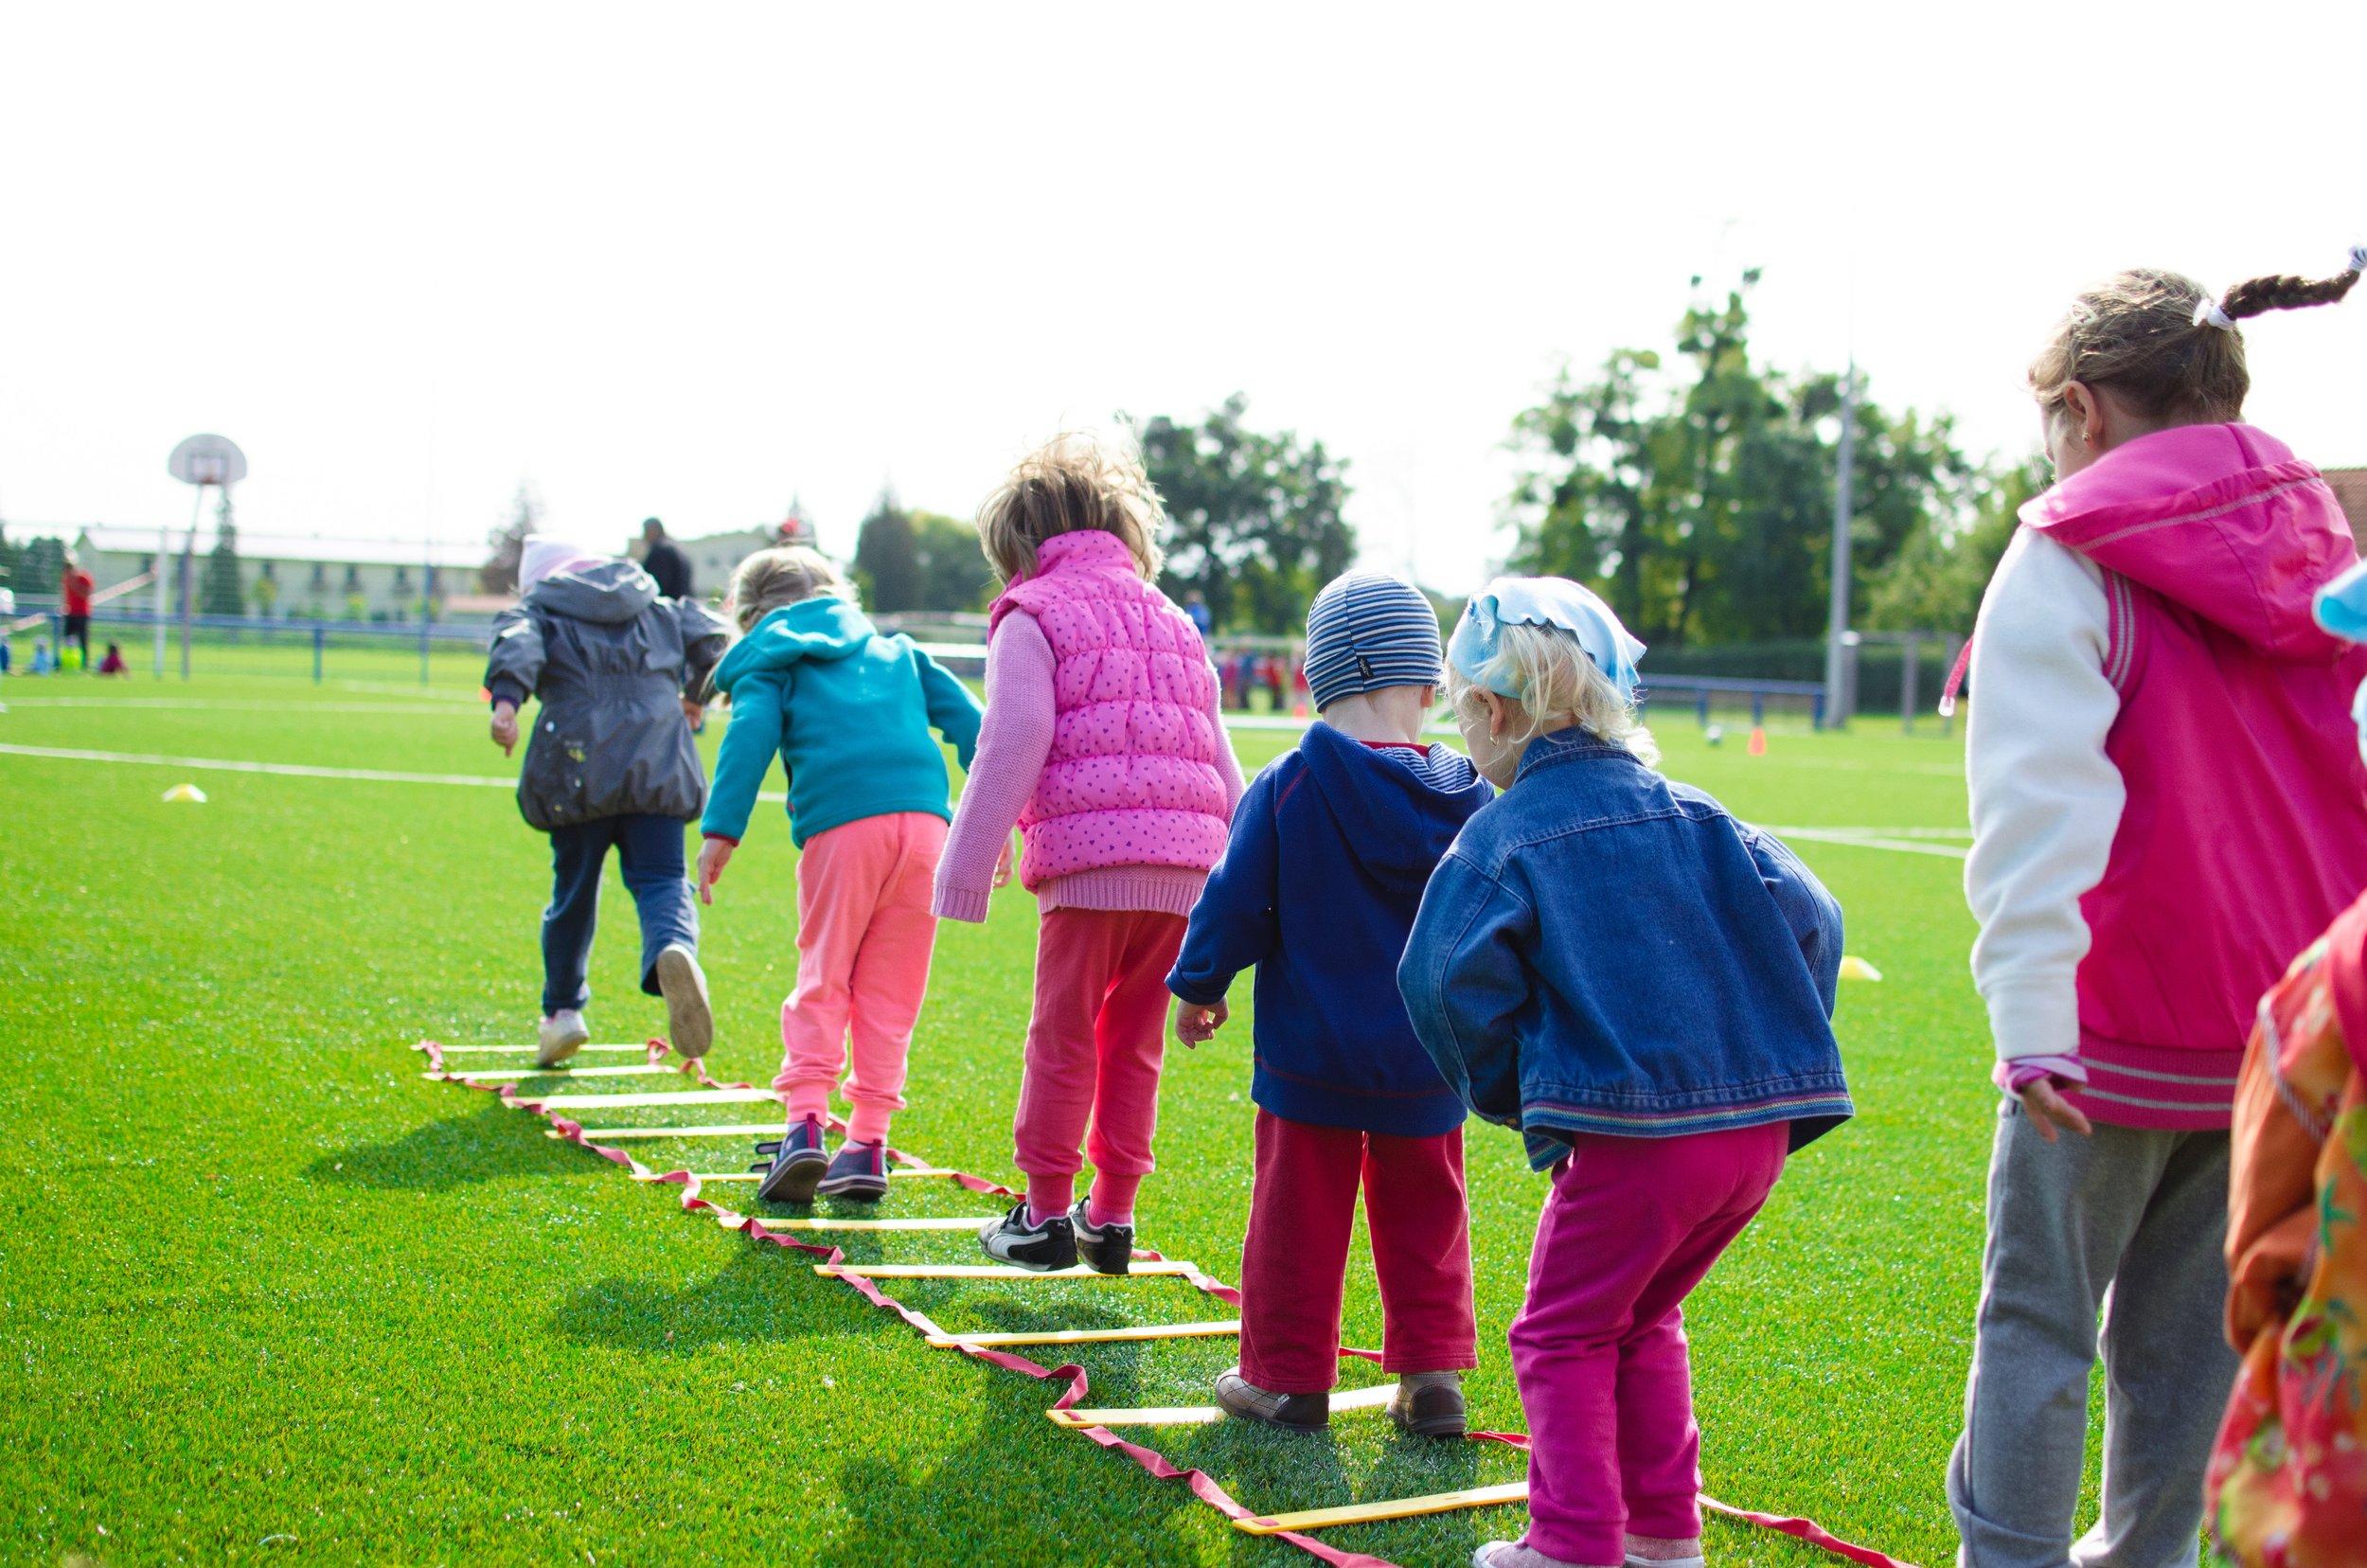 Five children jumping through rope ladder on an grass field